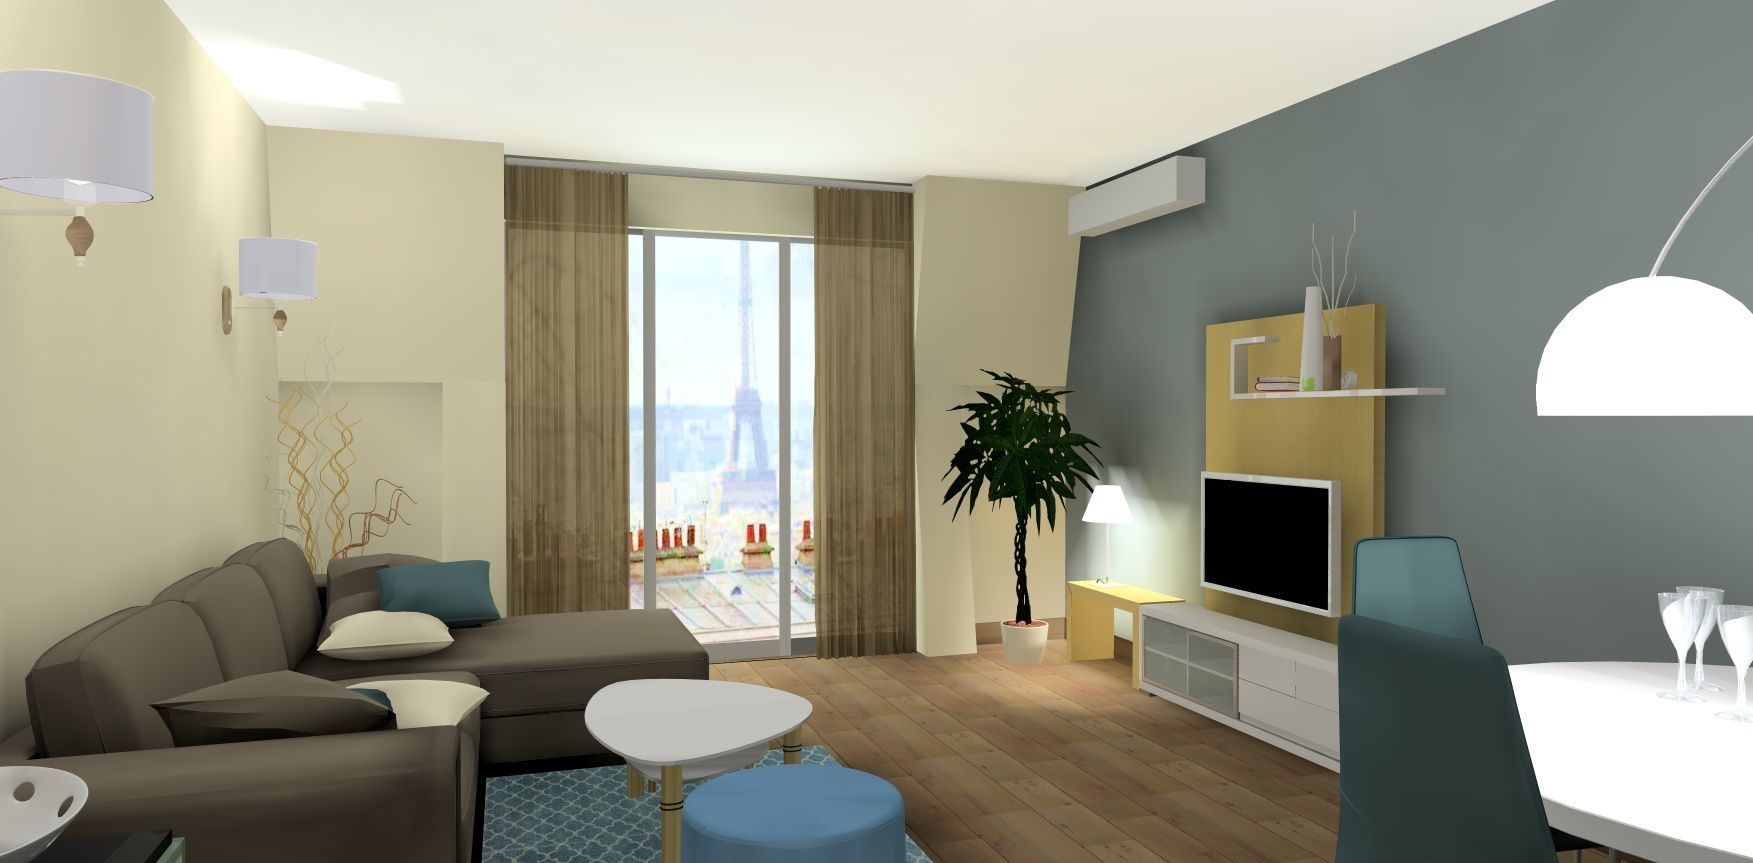 vue 3d salon lin et bleu appartement plan 3d salon simulation 3d s jour marion tournadre. Black Bedroom Furniture Sets. Home Design Ideas